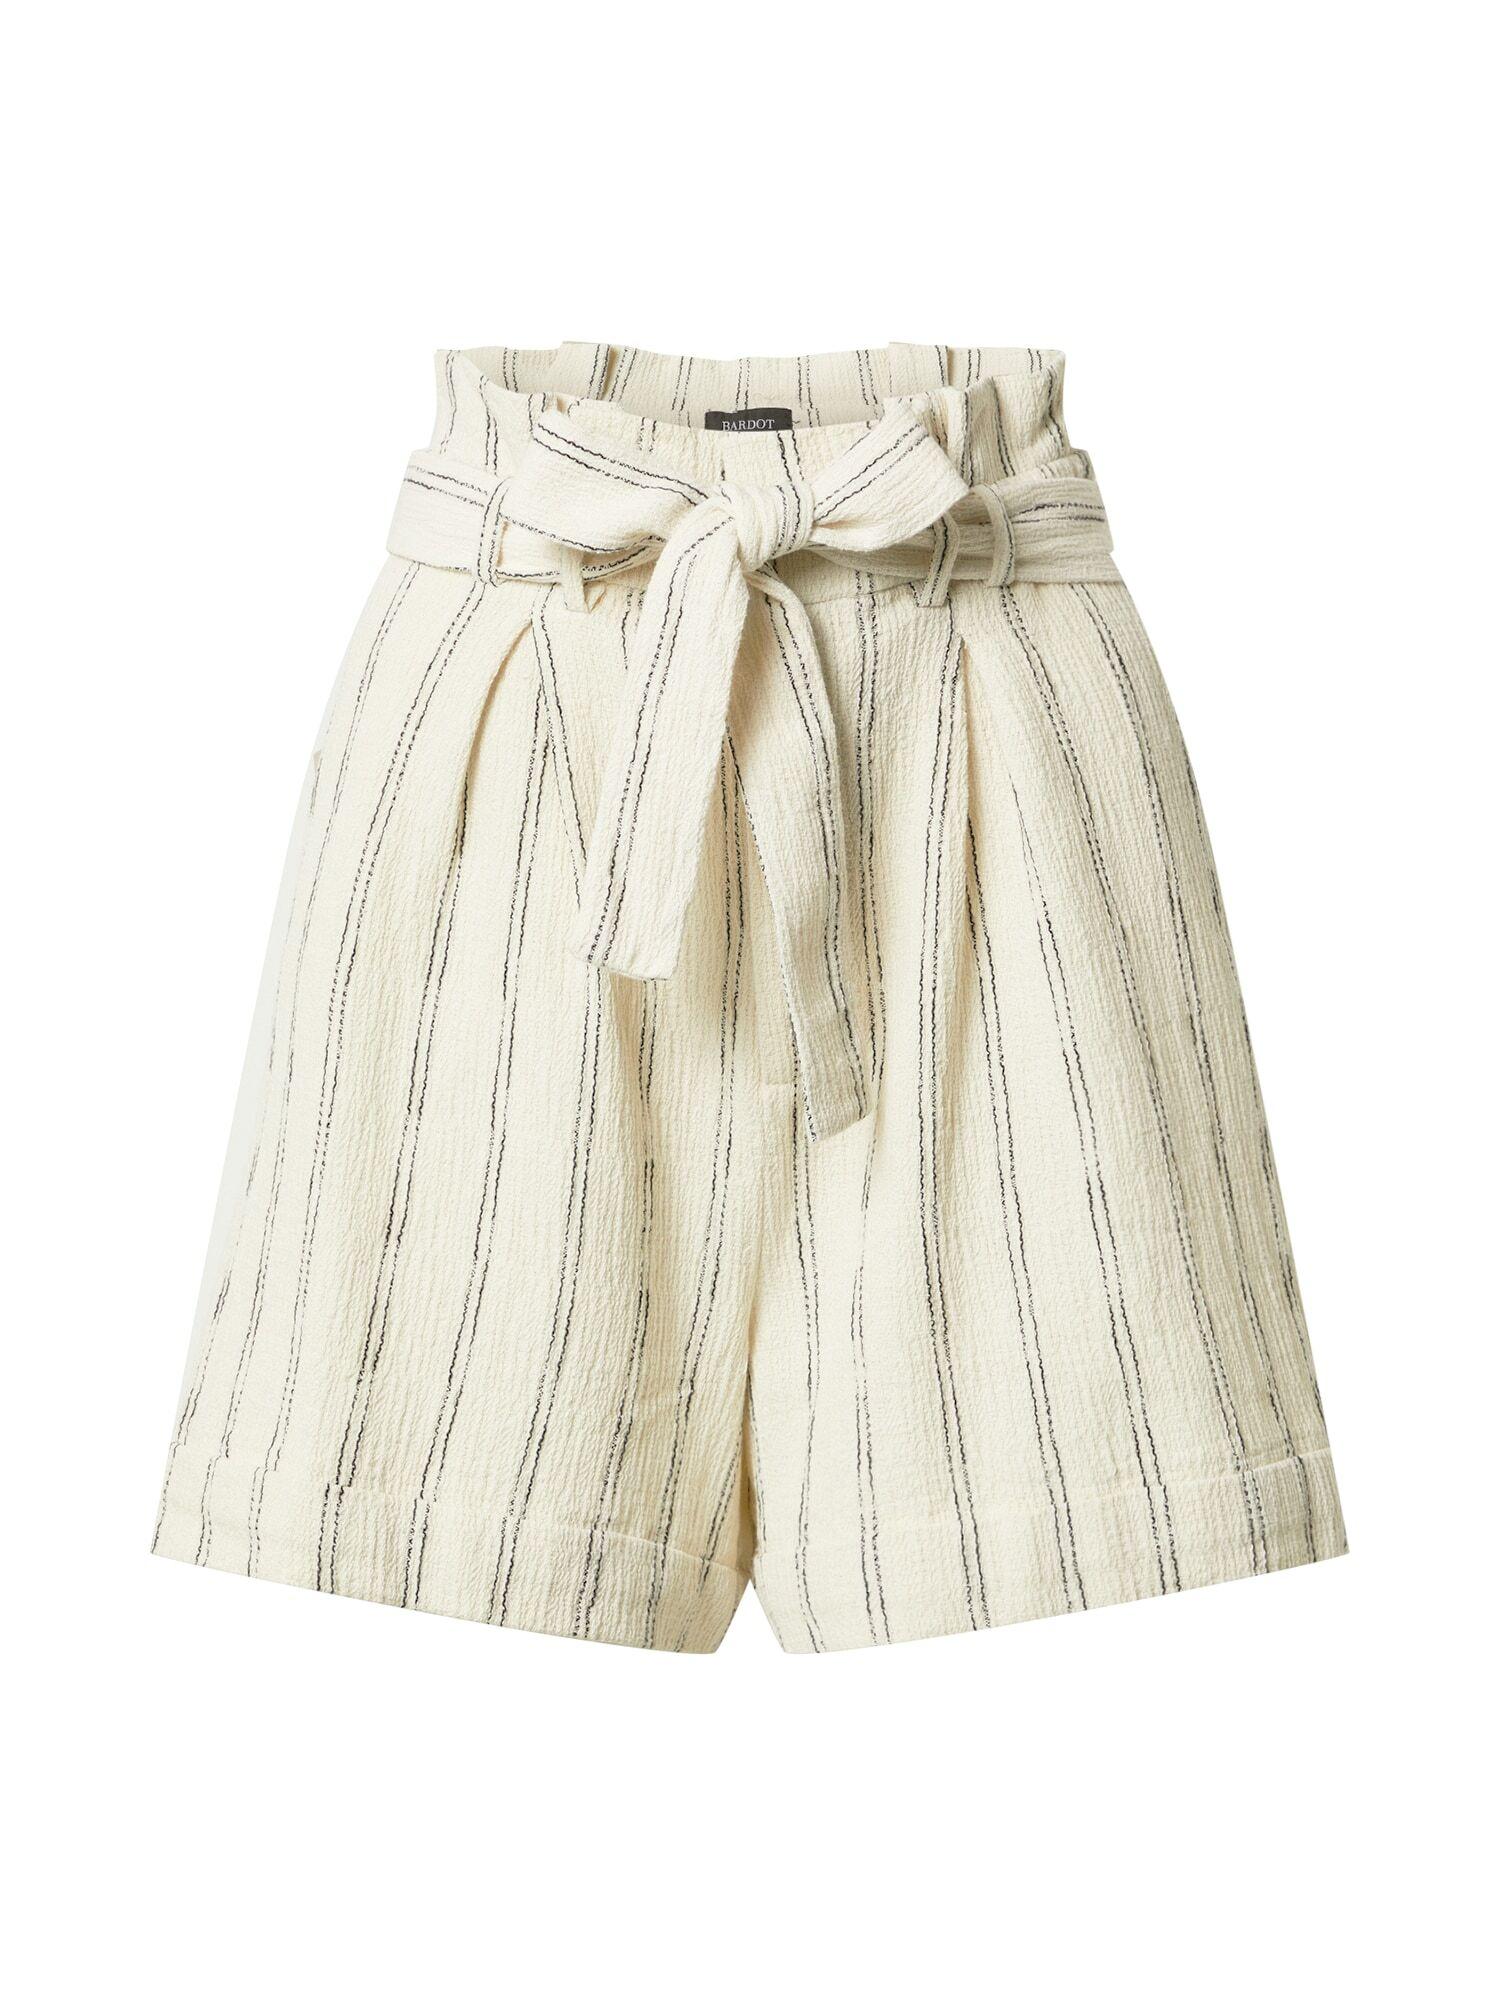 Bardot Pantalon à pince  - Blanc - Taille: L - female